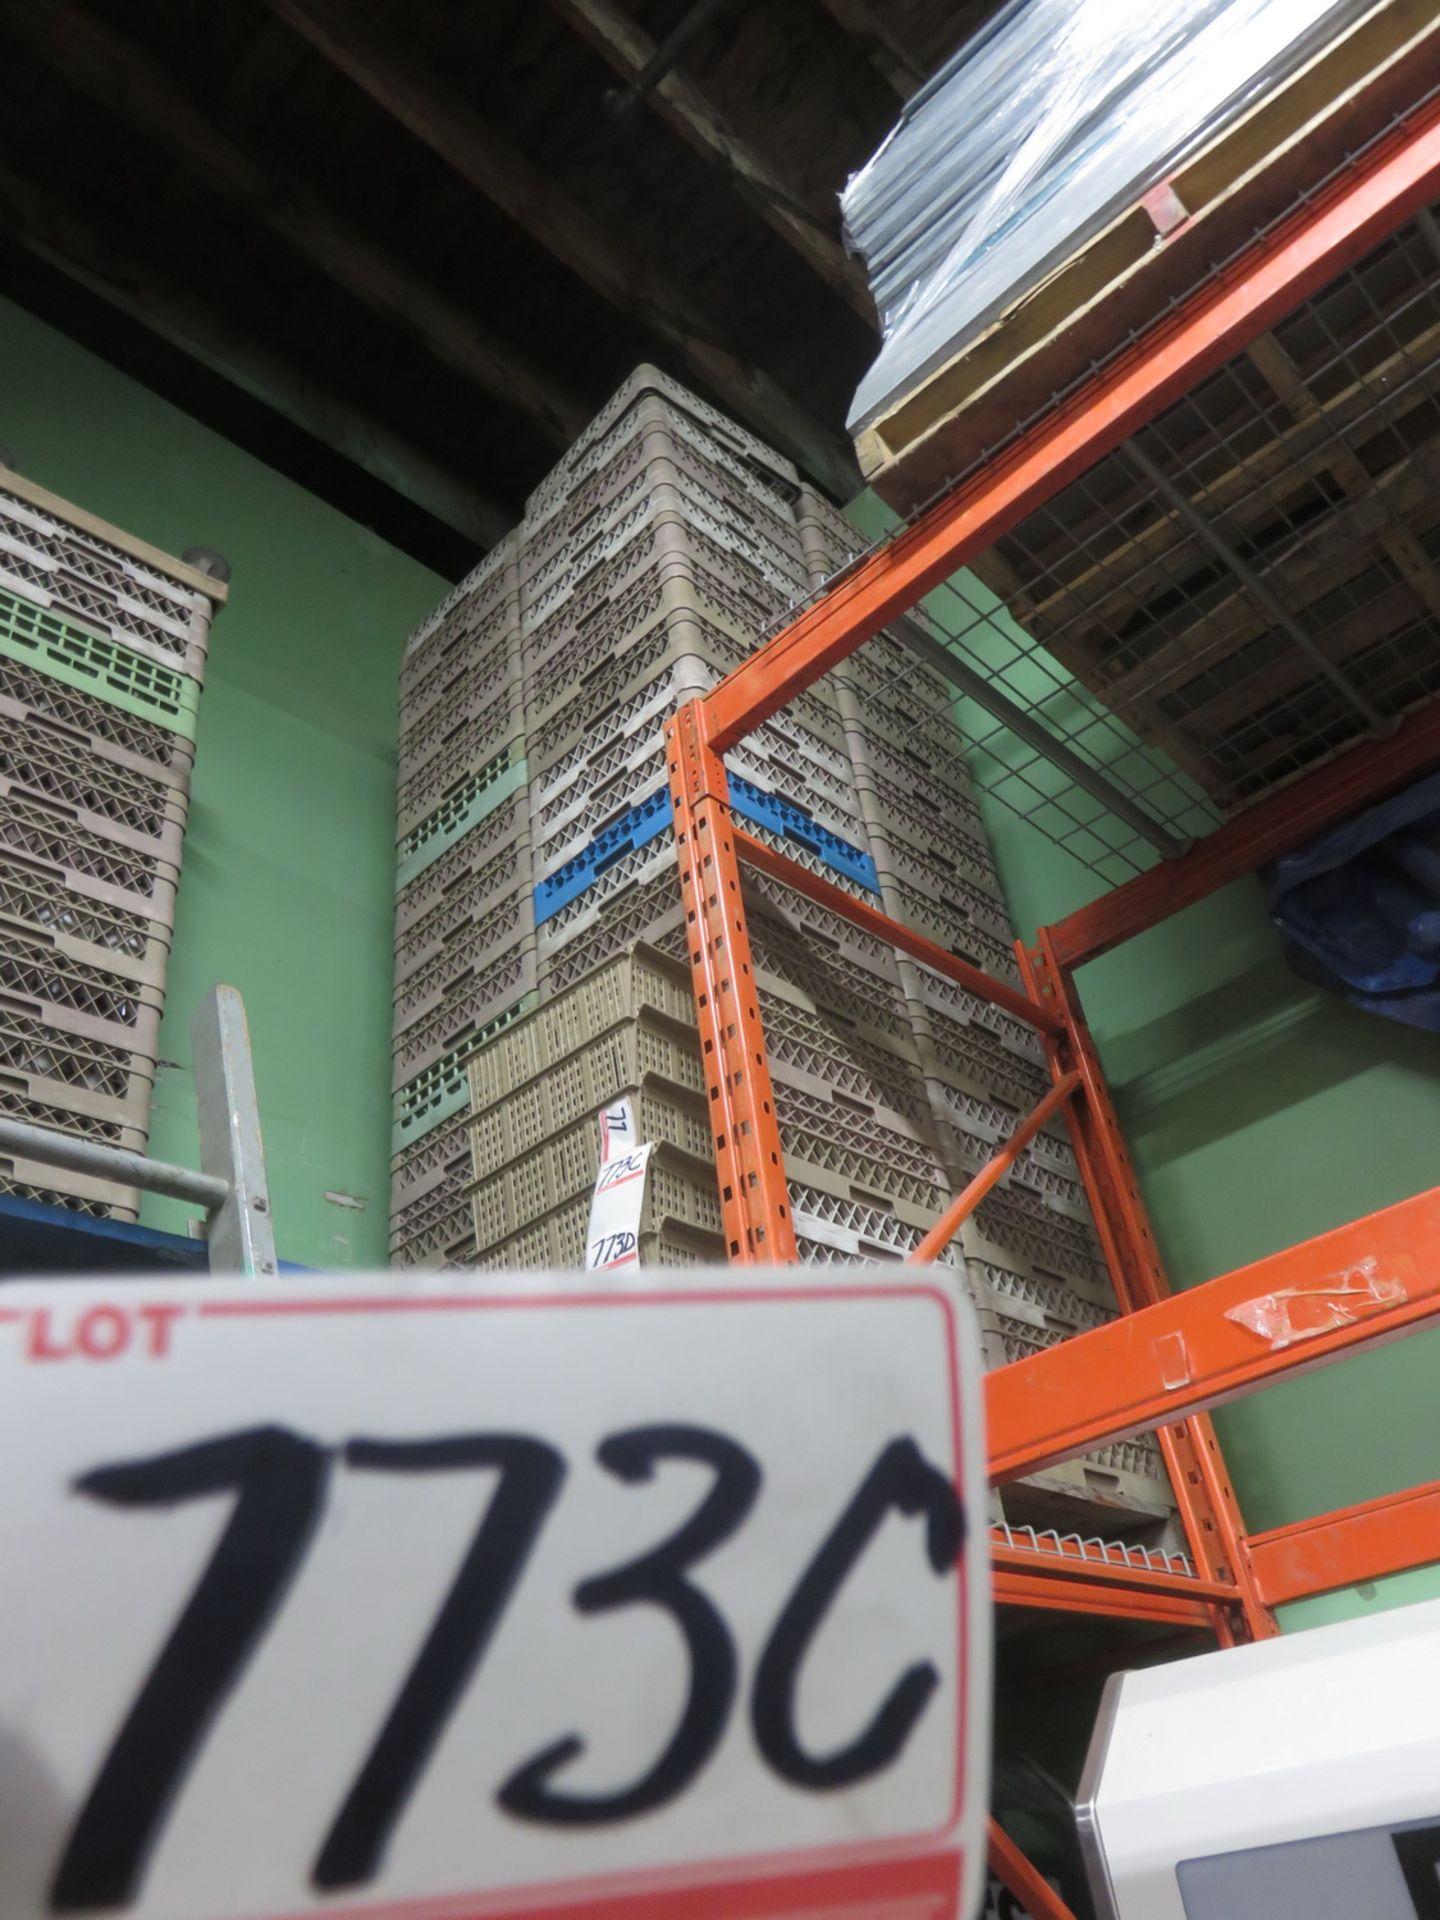 Lot 773E - LOT - BROWN/ GREEN / BLUE 19 X 19 ASSTD DISH WASH TRAYS (30 PCS)